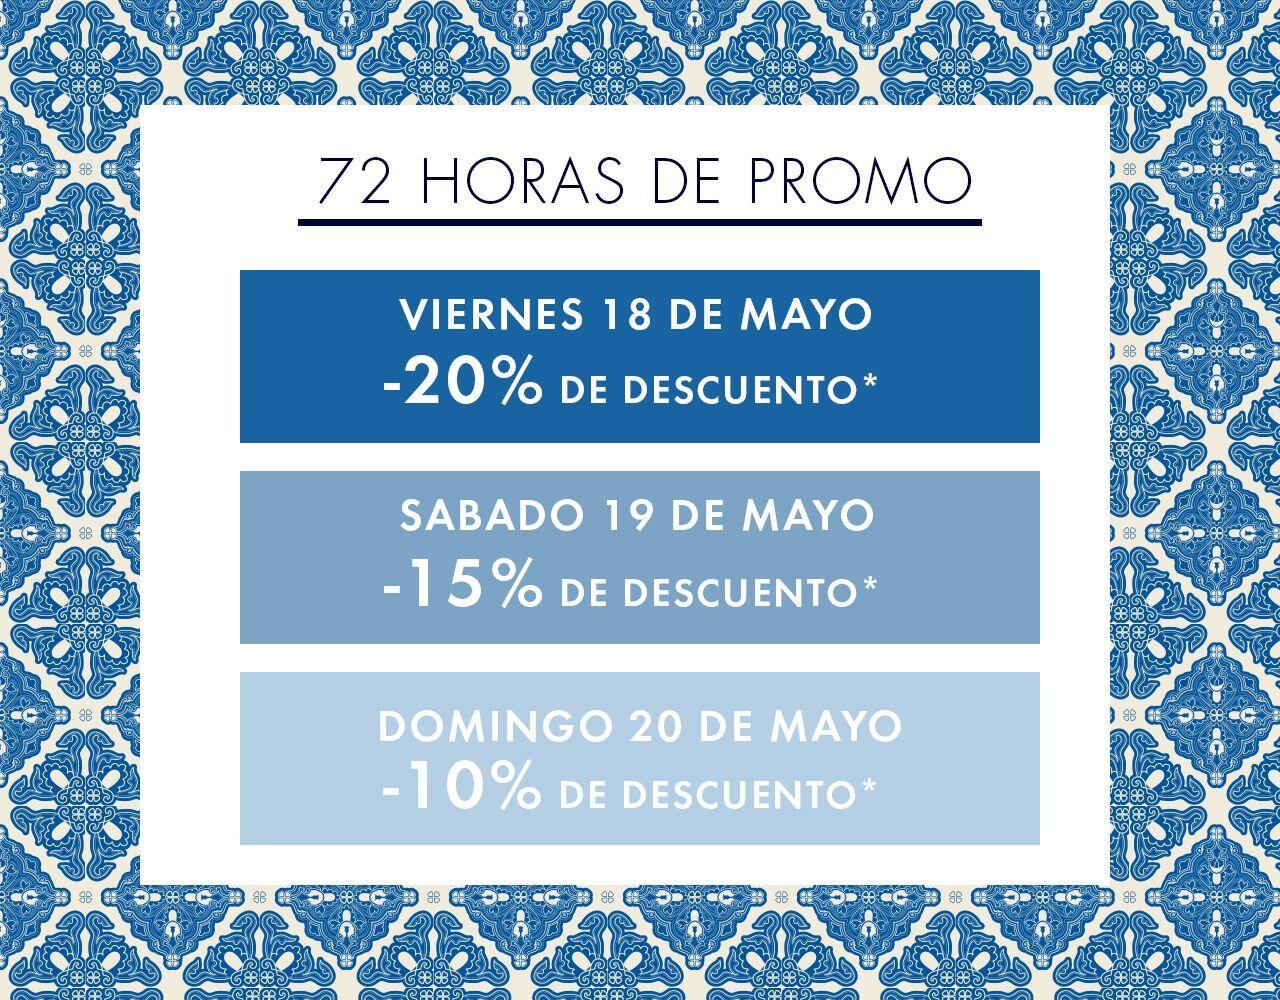 Viernes 18 de mayo  : -20% de descuento / Sabado 19 de mayo : -15% de descuento / Domingo 20 de mayo  : -10% de descuento